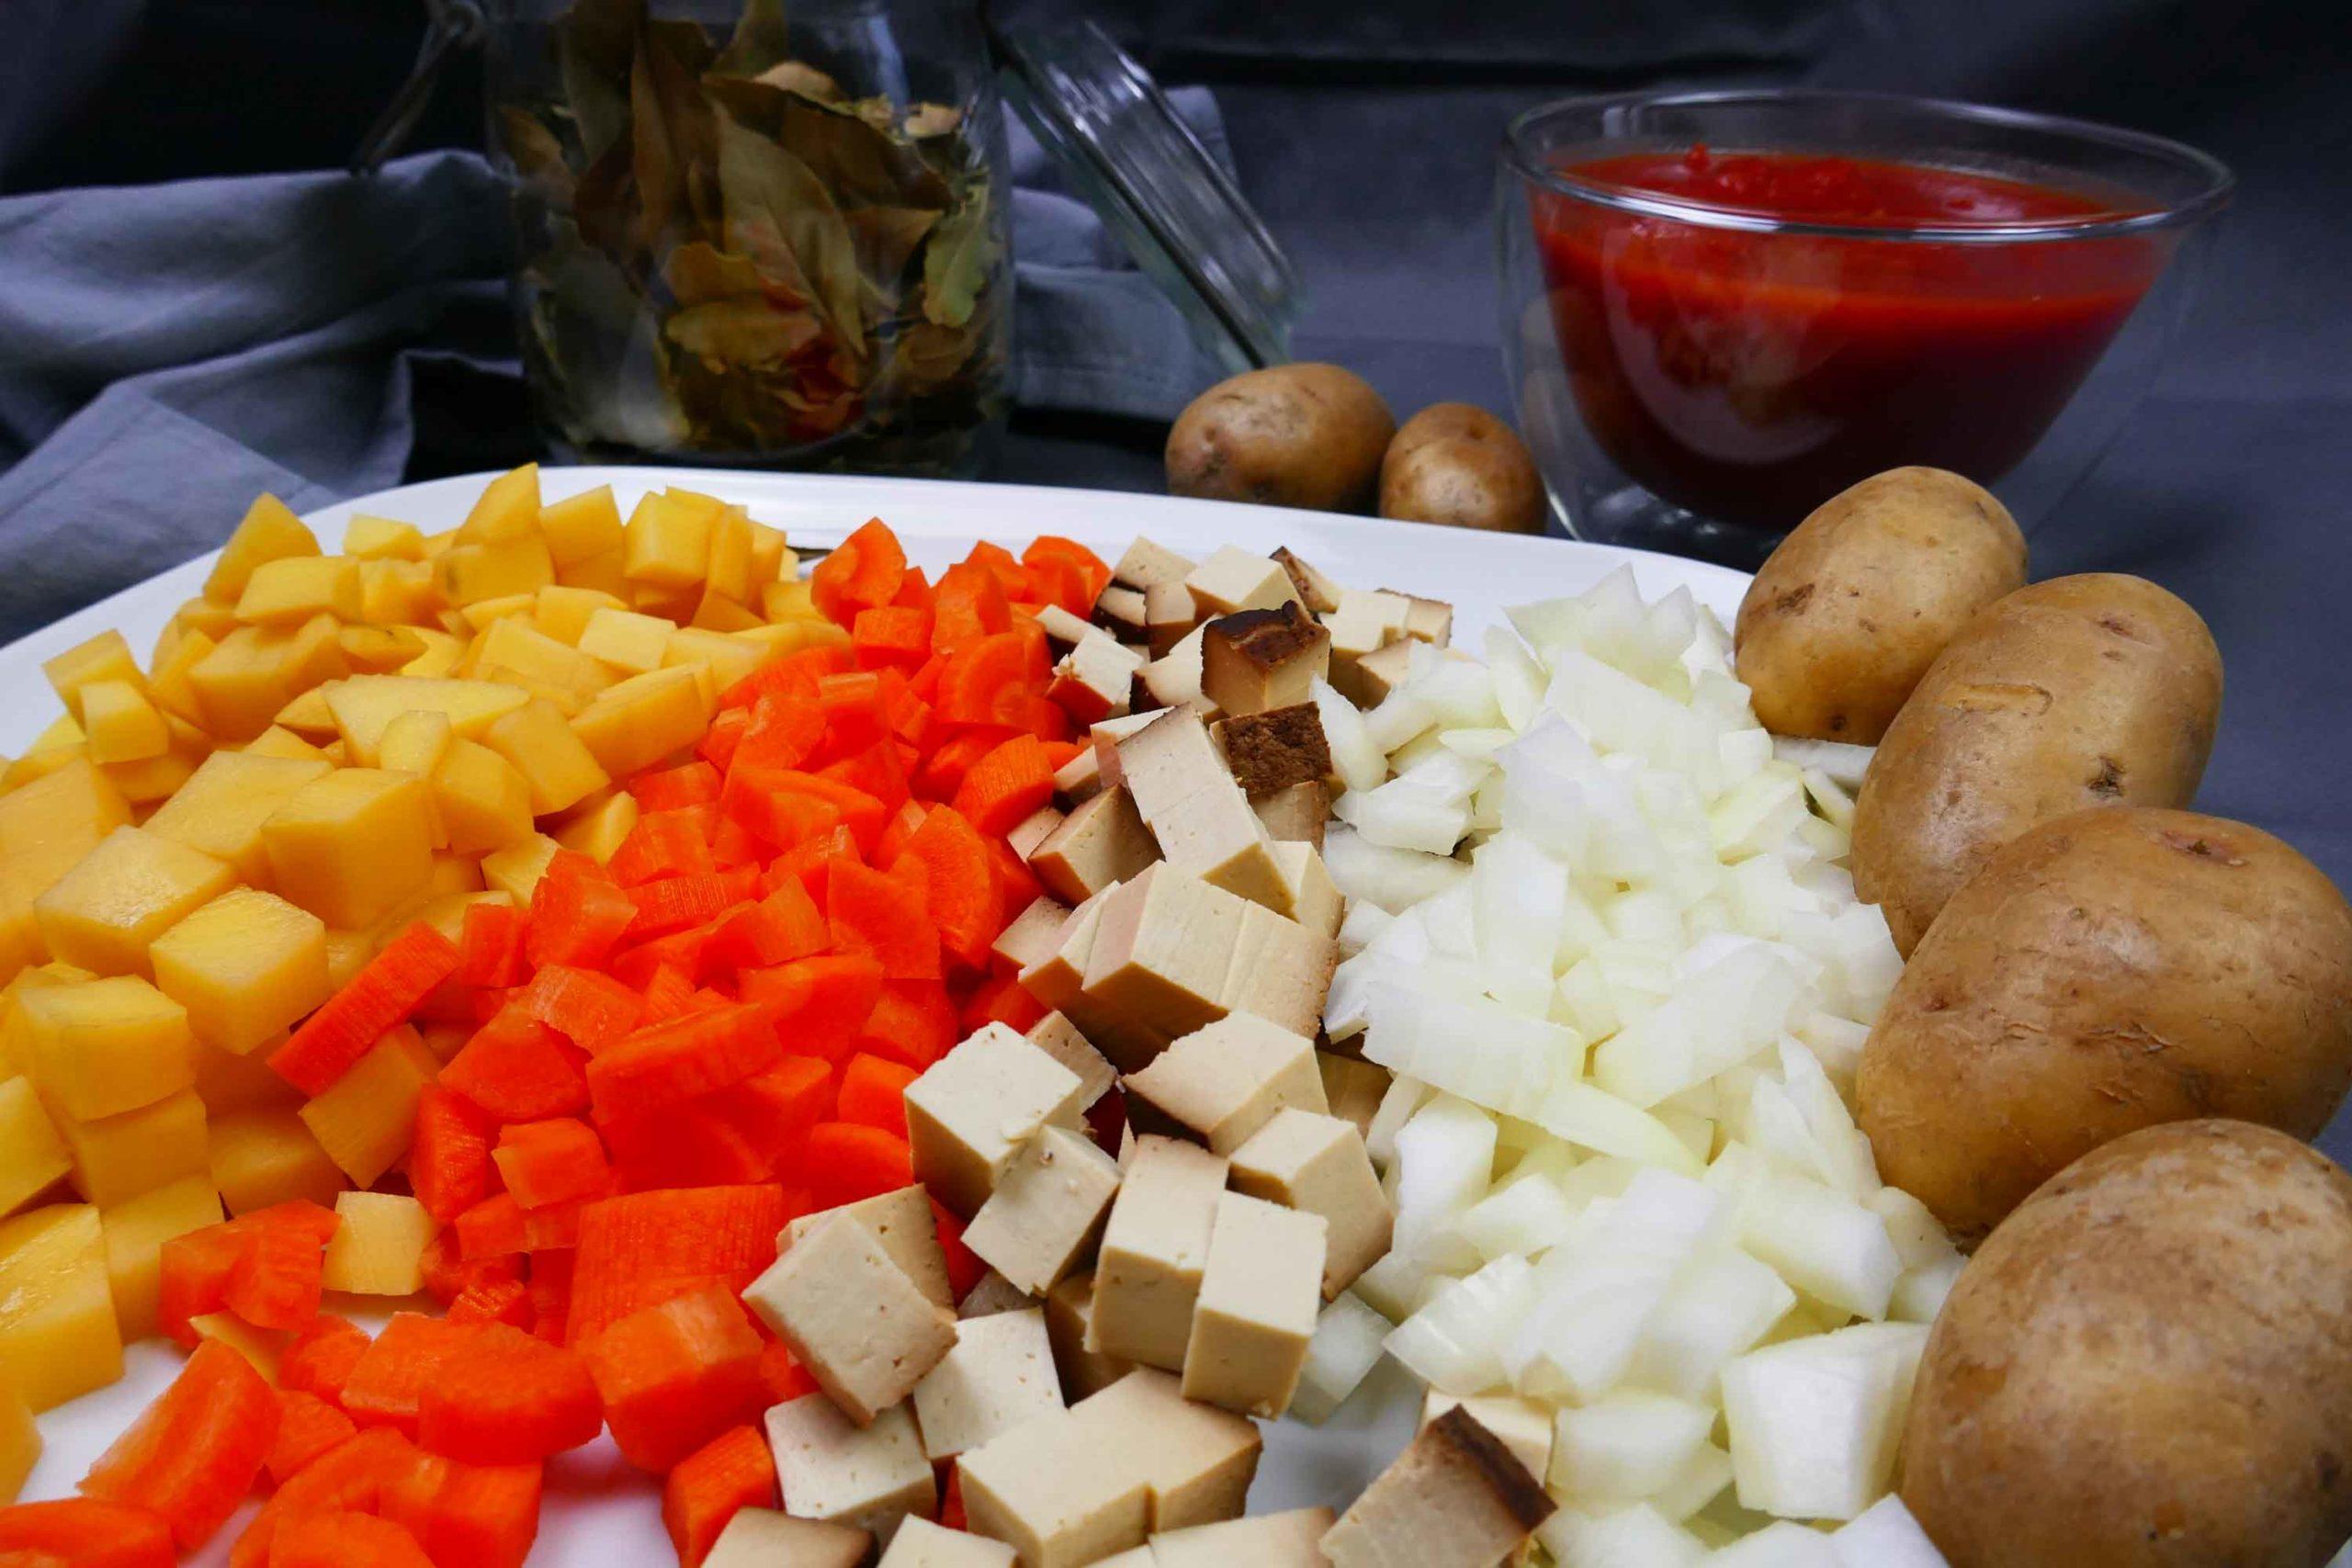 Zutaten für die vegane Serbische Bohnensuppe gewürfelt, Zwiebeln, geräucherter Tofu, Karotten, Kartoffeln, Tomatenpassata